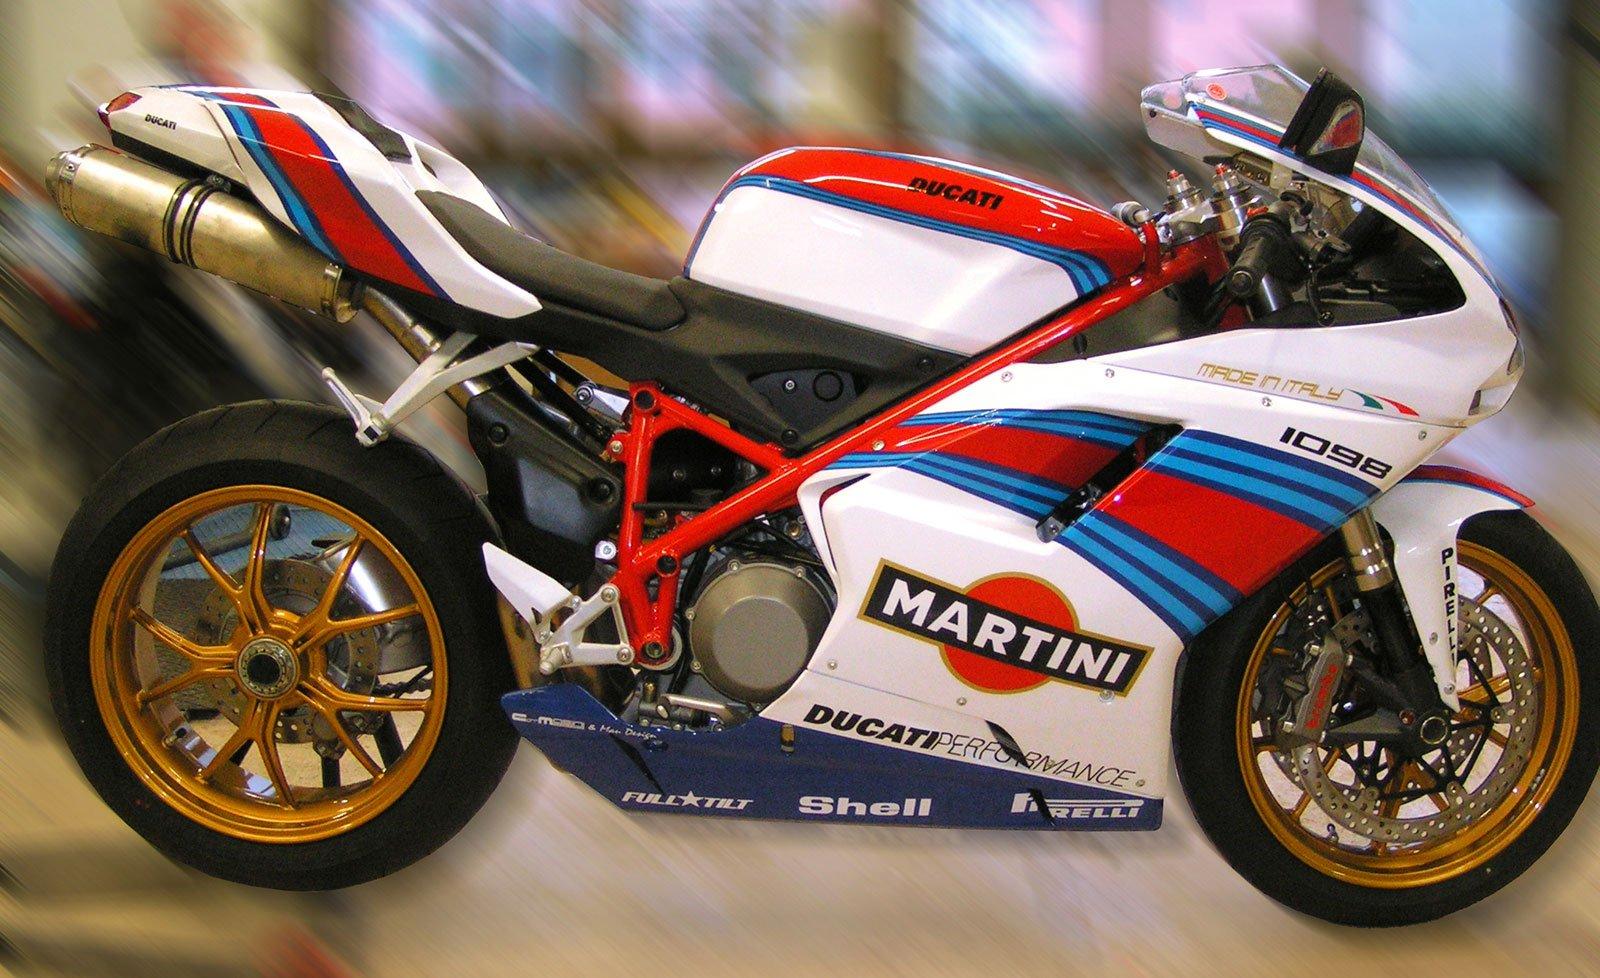 un modellino di una moto Ducati